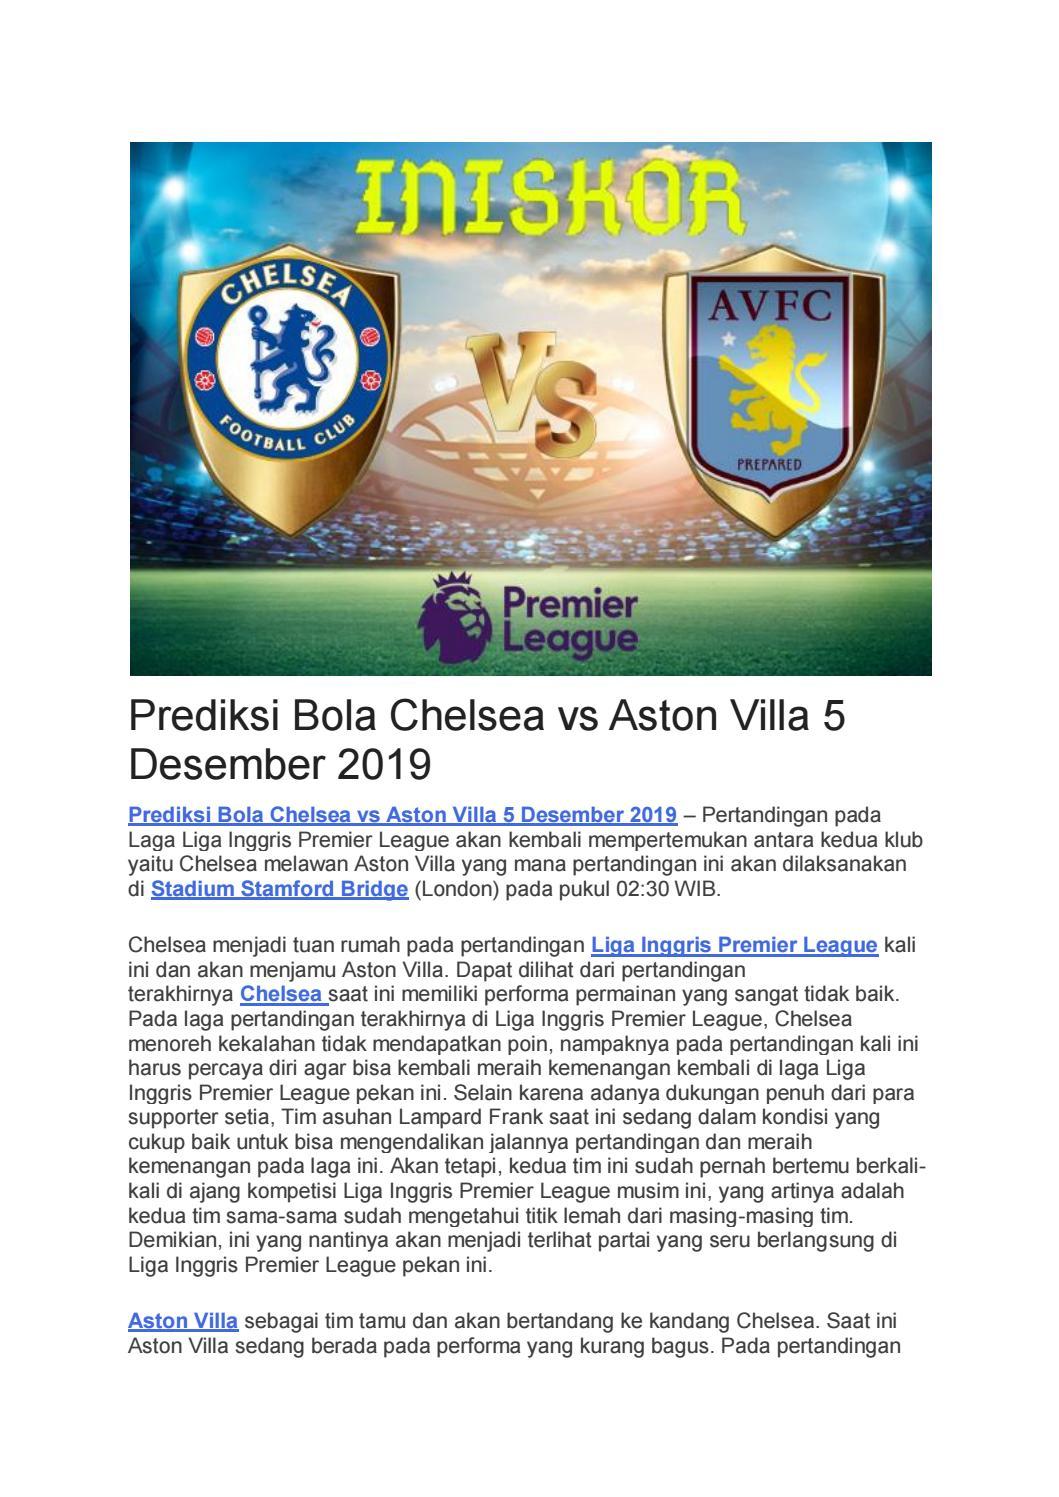 Prediksi Bola Chelsea Vs Aston Villa 5 Desember 2019 By